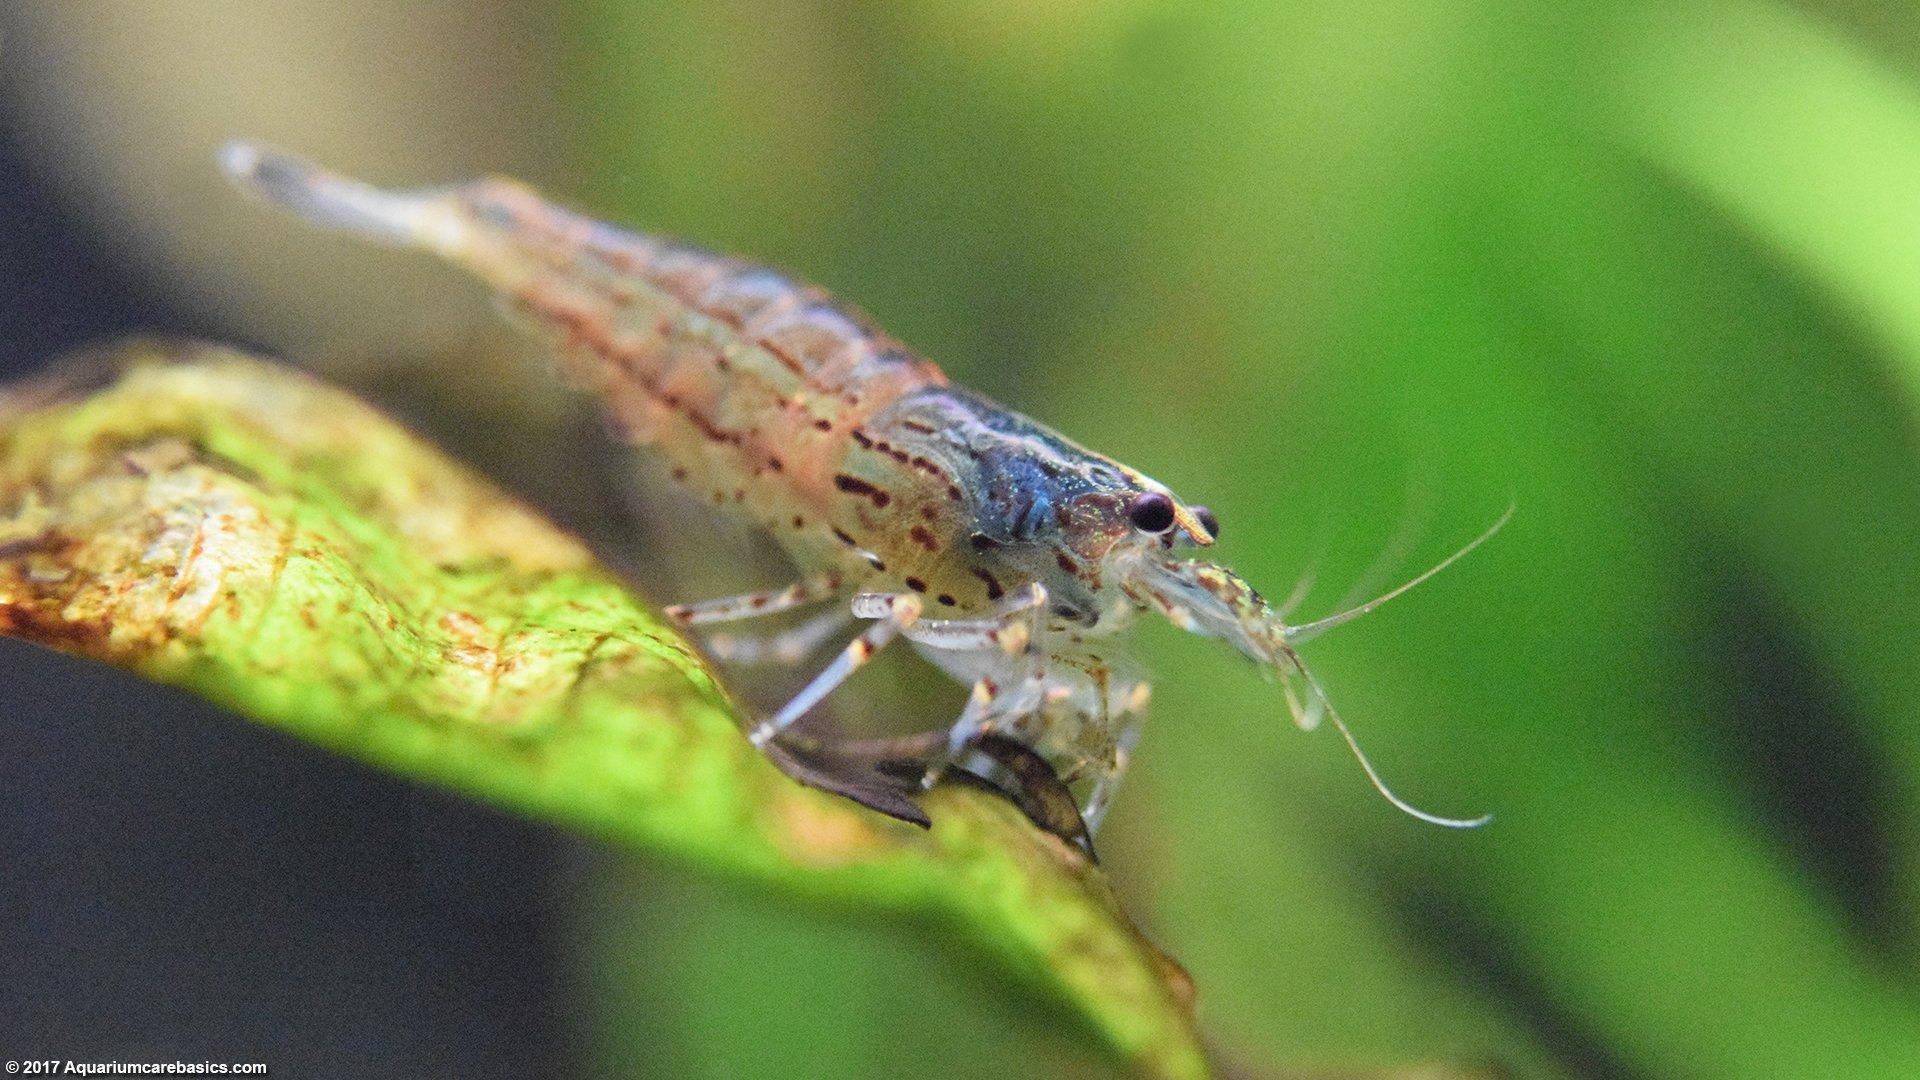 Amano Shrimp Care, Feeding, Algae Eating, Size - Video